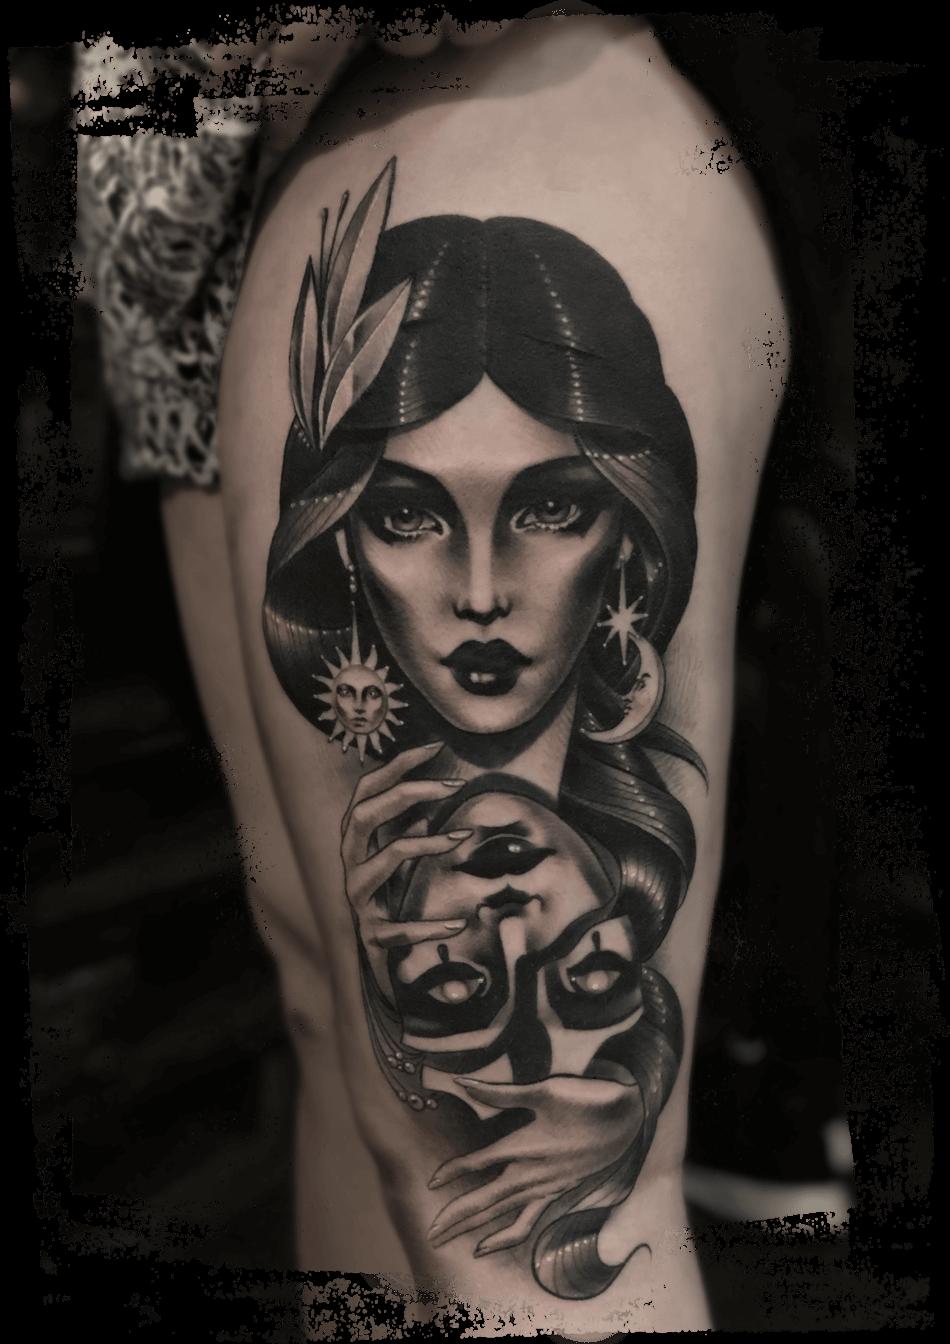 Artwork Tatoo tatuointiliike Helsinki realismi tatuointityyli naisen tatuointi